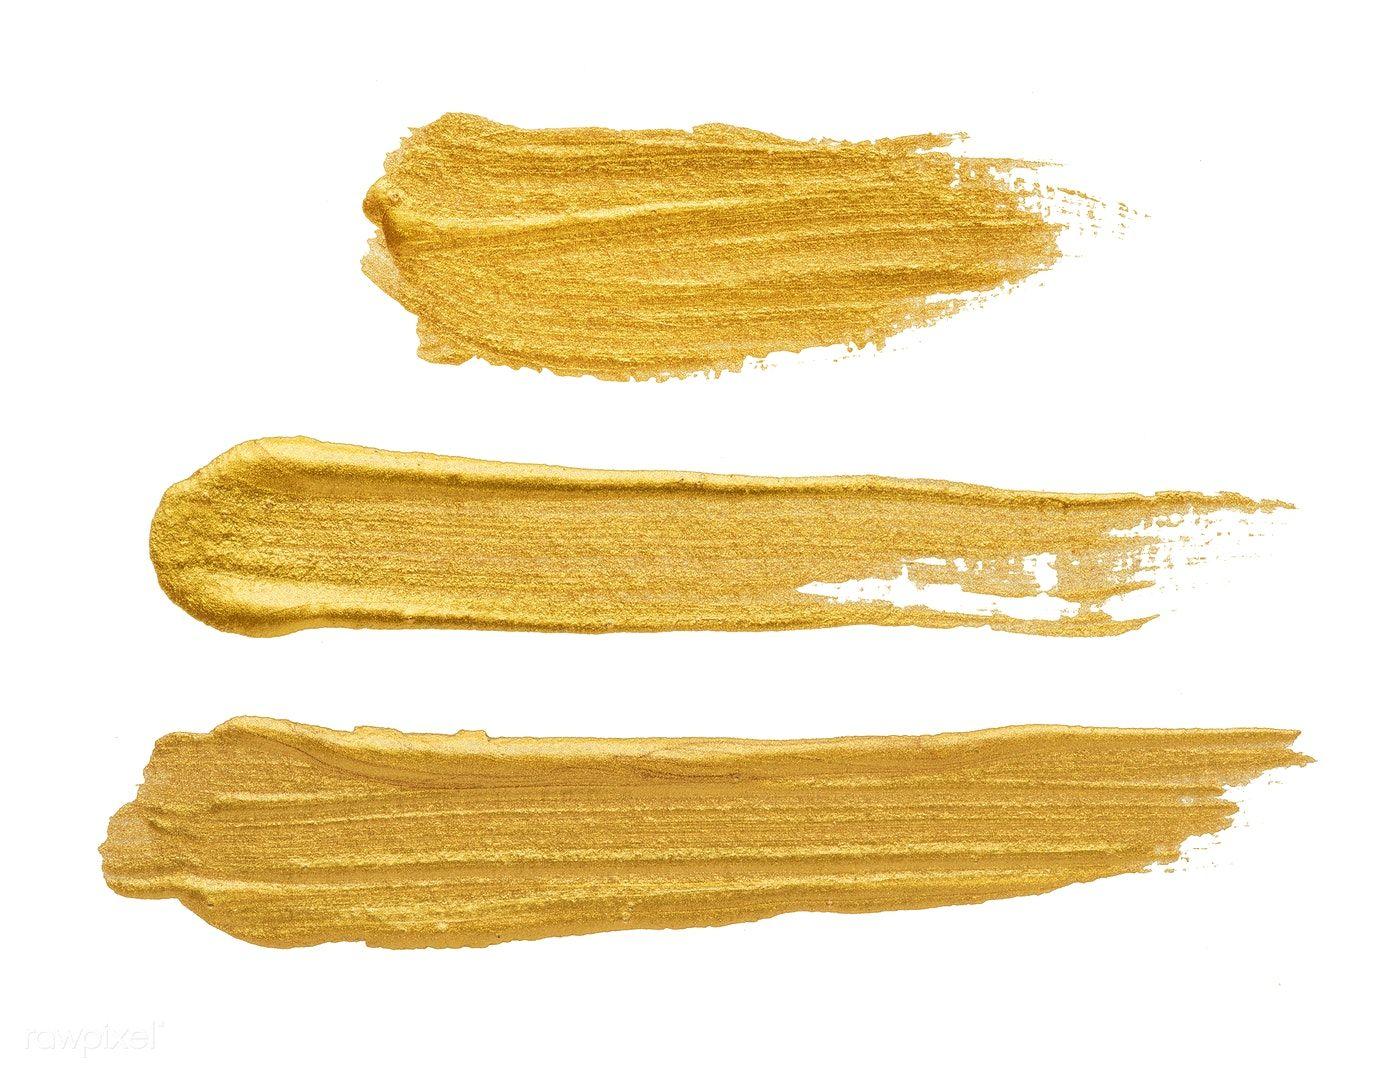 Download Premium Psd Of Golden Brush Stroke On White 552710 Brush Strokes Beige Lipstick Gold Glitter Background